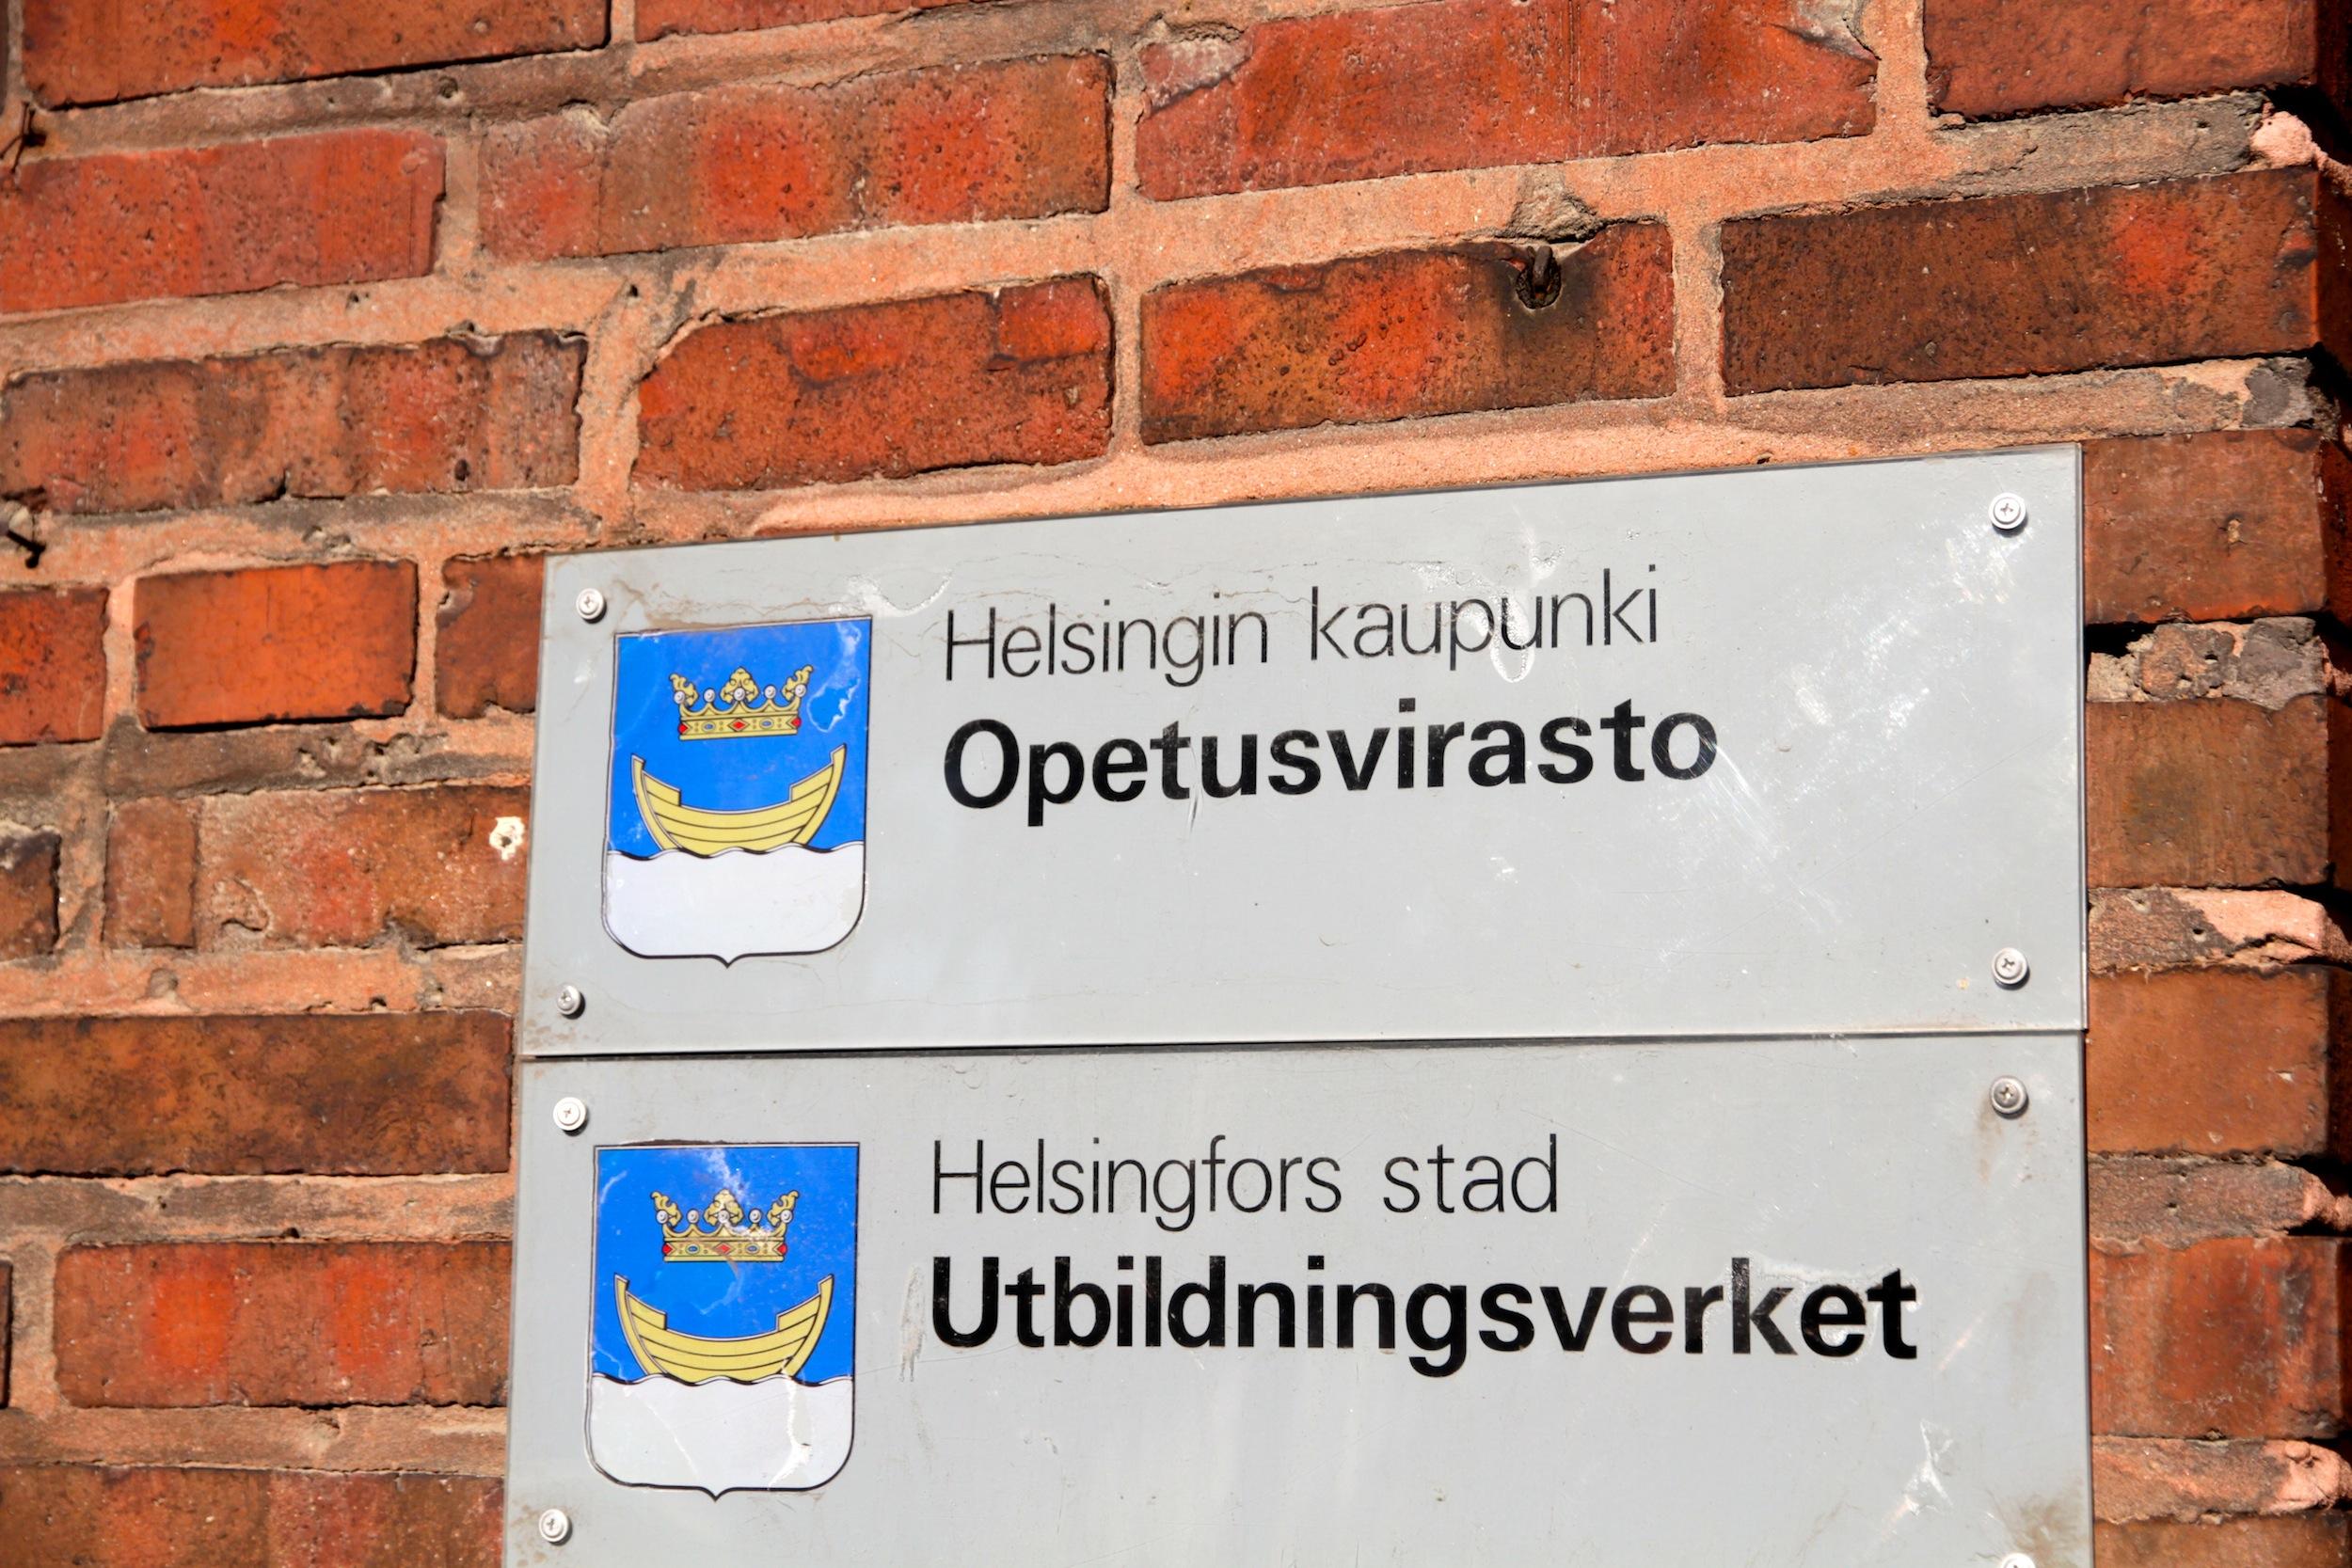 Helsingin opetusviraston selvityksissä on käynyt ilmi, että joillakin työntekijöillä on ollut käytössään työn tekemiseen liittymättömiä laitteita.